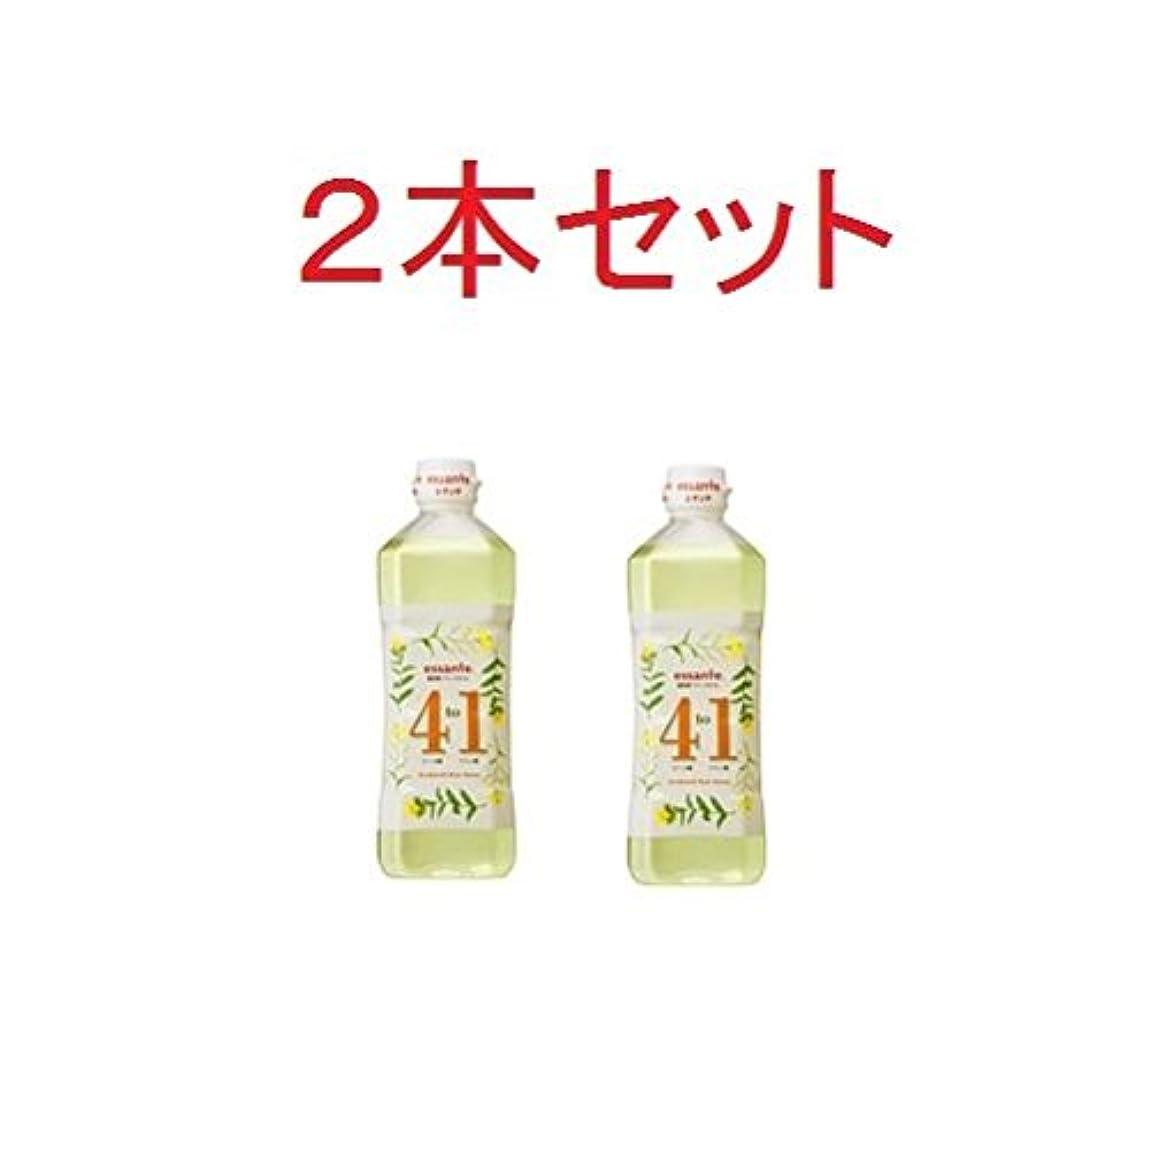 二層バーチャル伸ばす2本セット アムウェイ エサンテ 4 to 1 脂肪酸バランスオイル